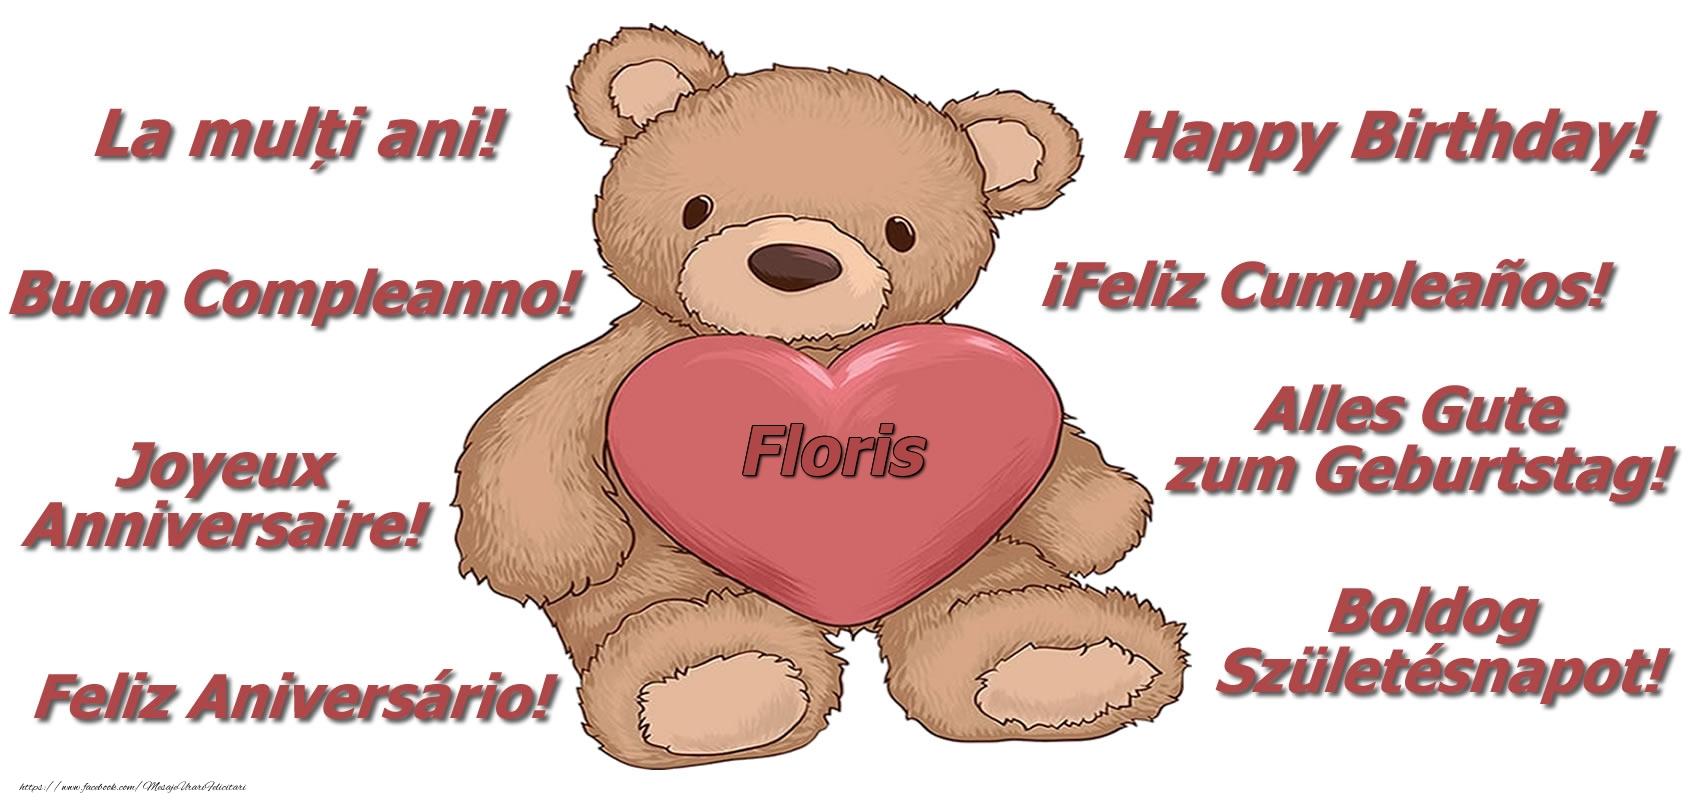 Felicitari de zi de nastere - La multi ani Floris! - Ursulet